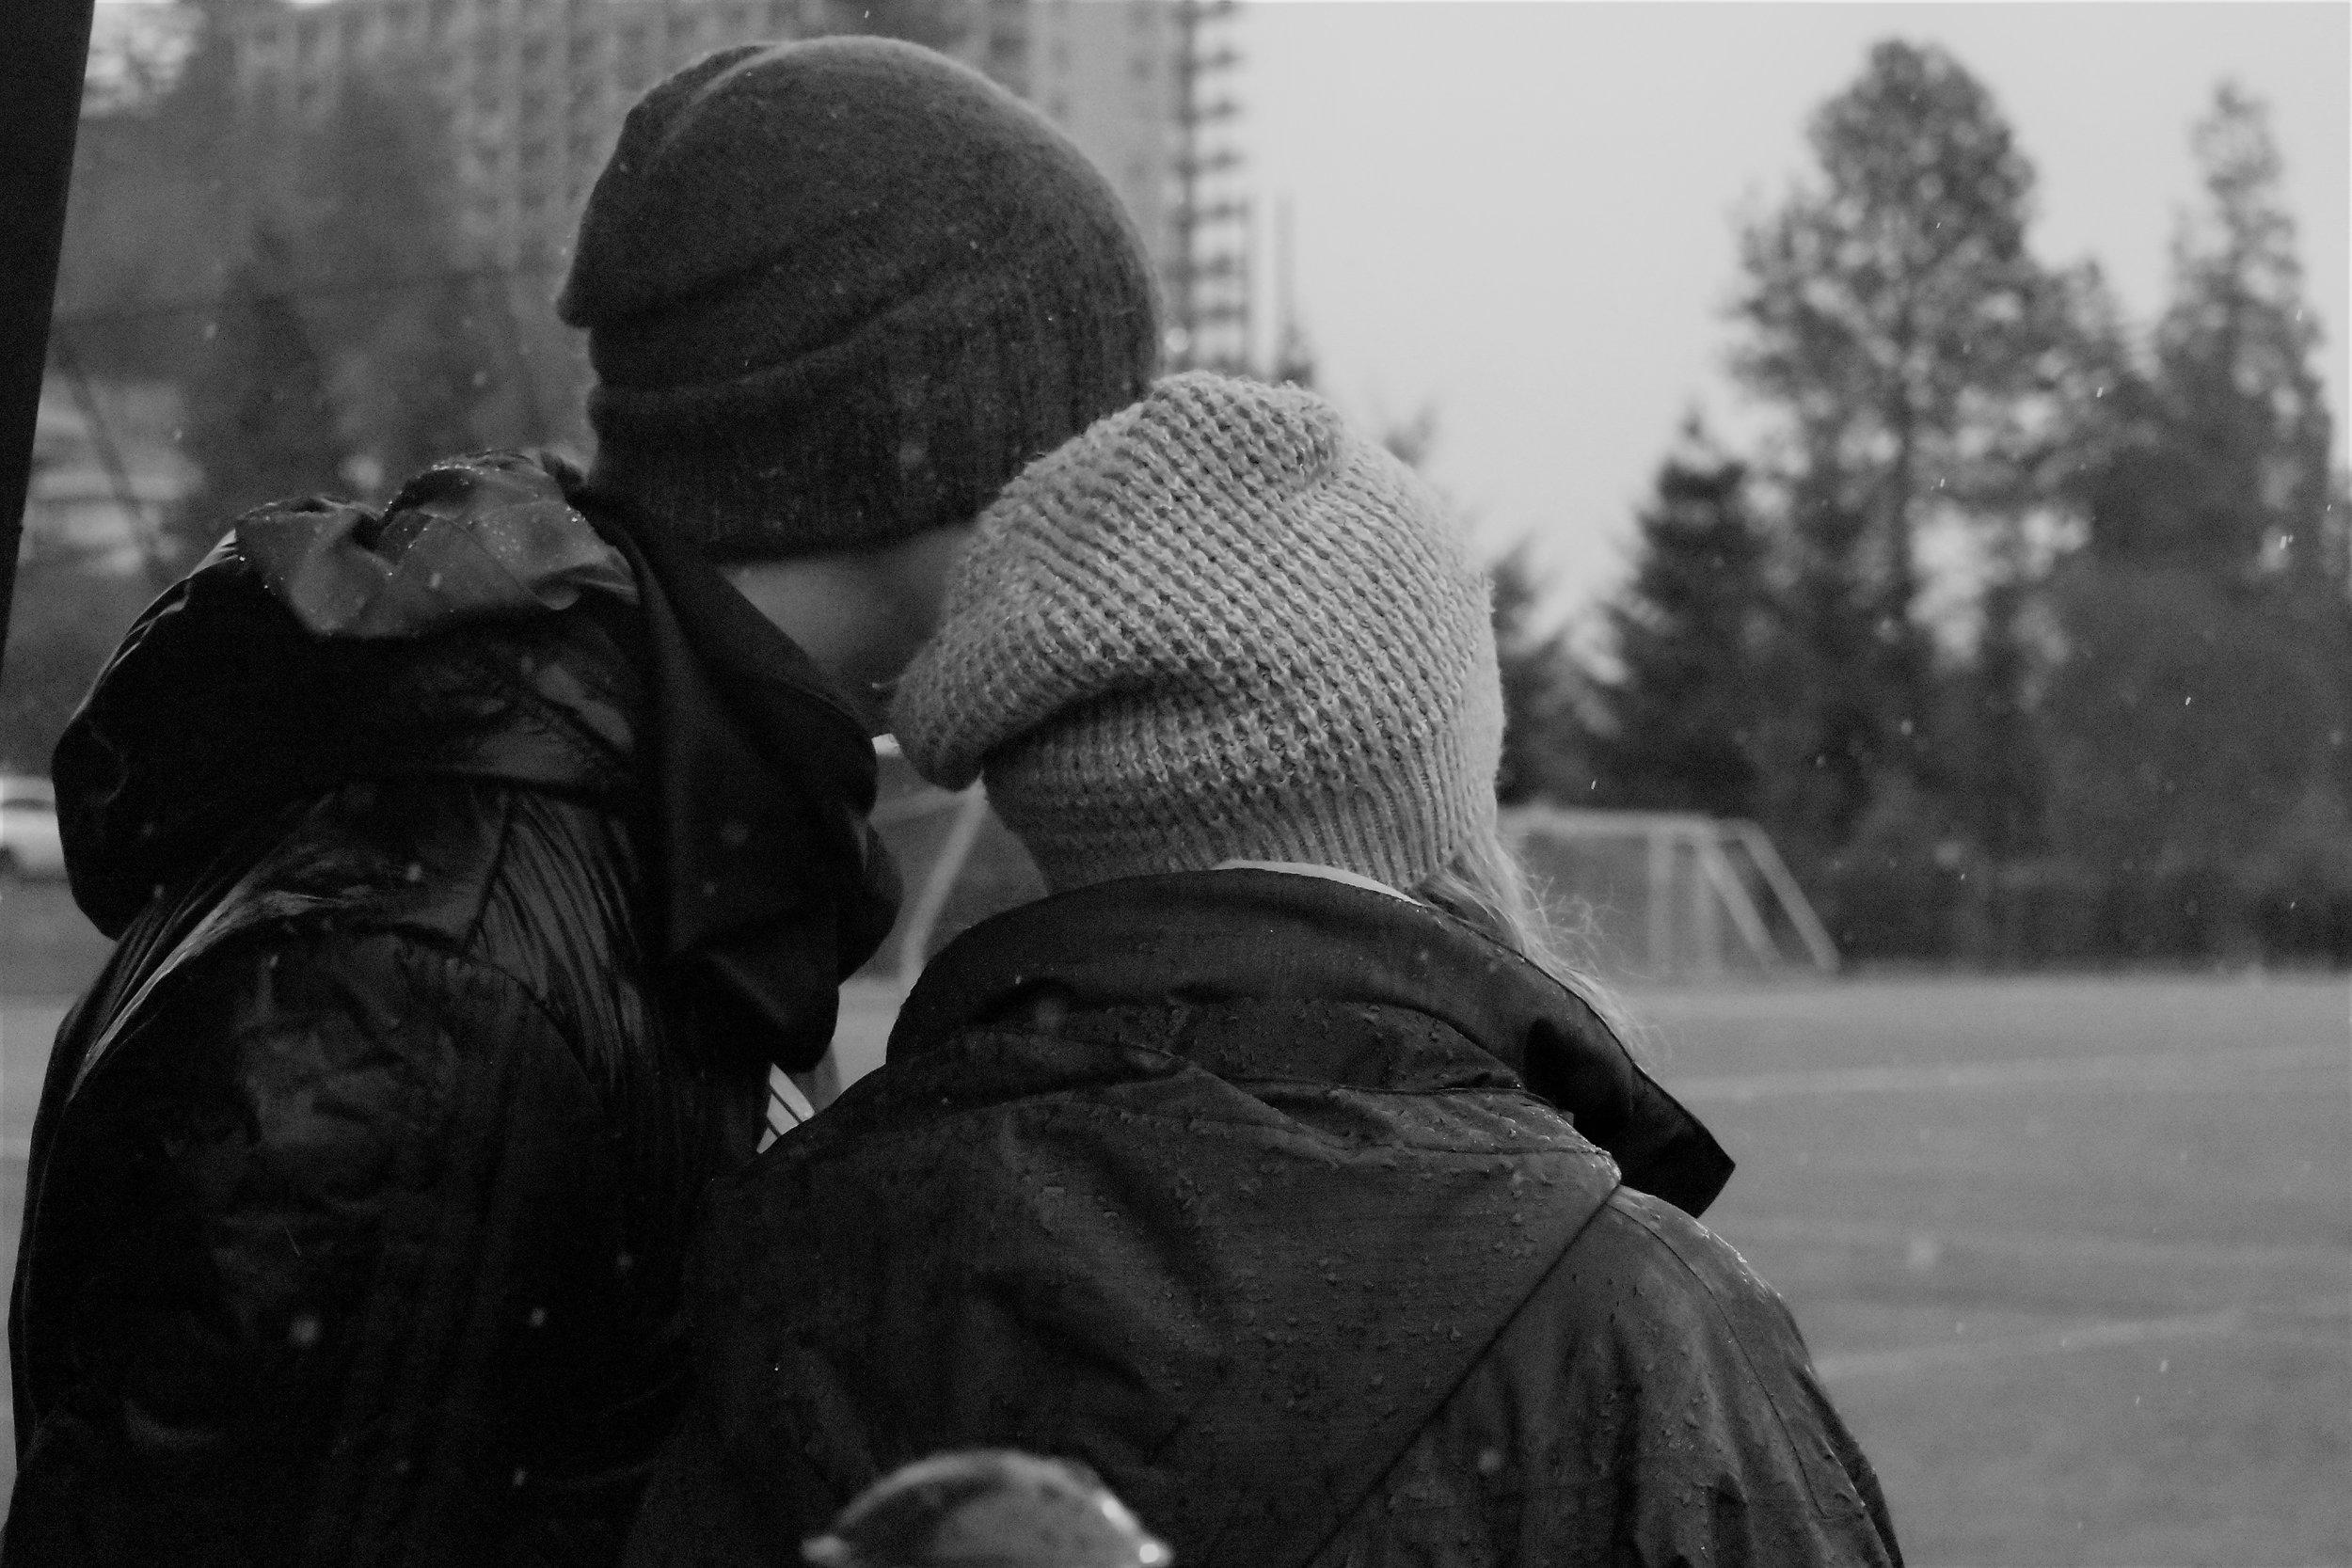 Portrait - Coaching team - sports photo, Vancouver, BC